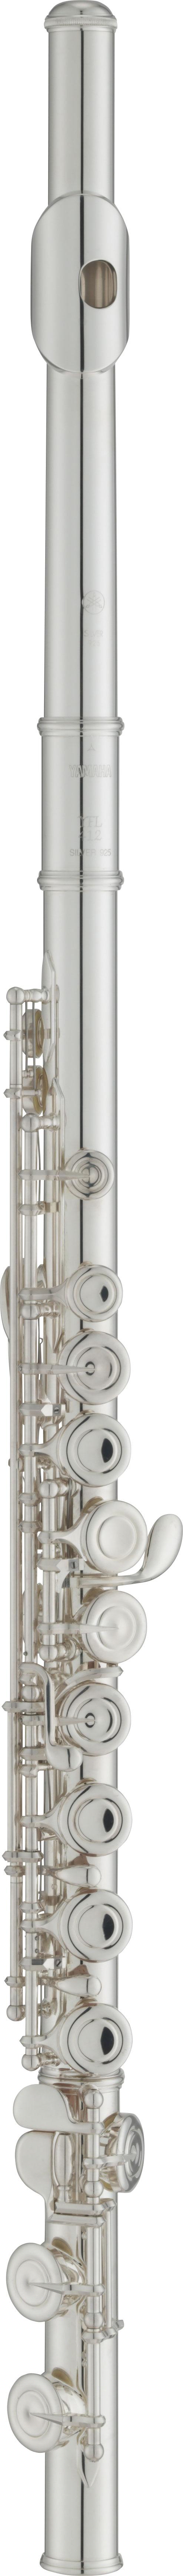 Yamaha - YFL-412 - CCEO - Holzblasinstrumente - Flöten mit E-Mechanik | MUSIK BERTRAM Deutschland Freiburg